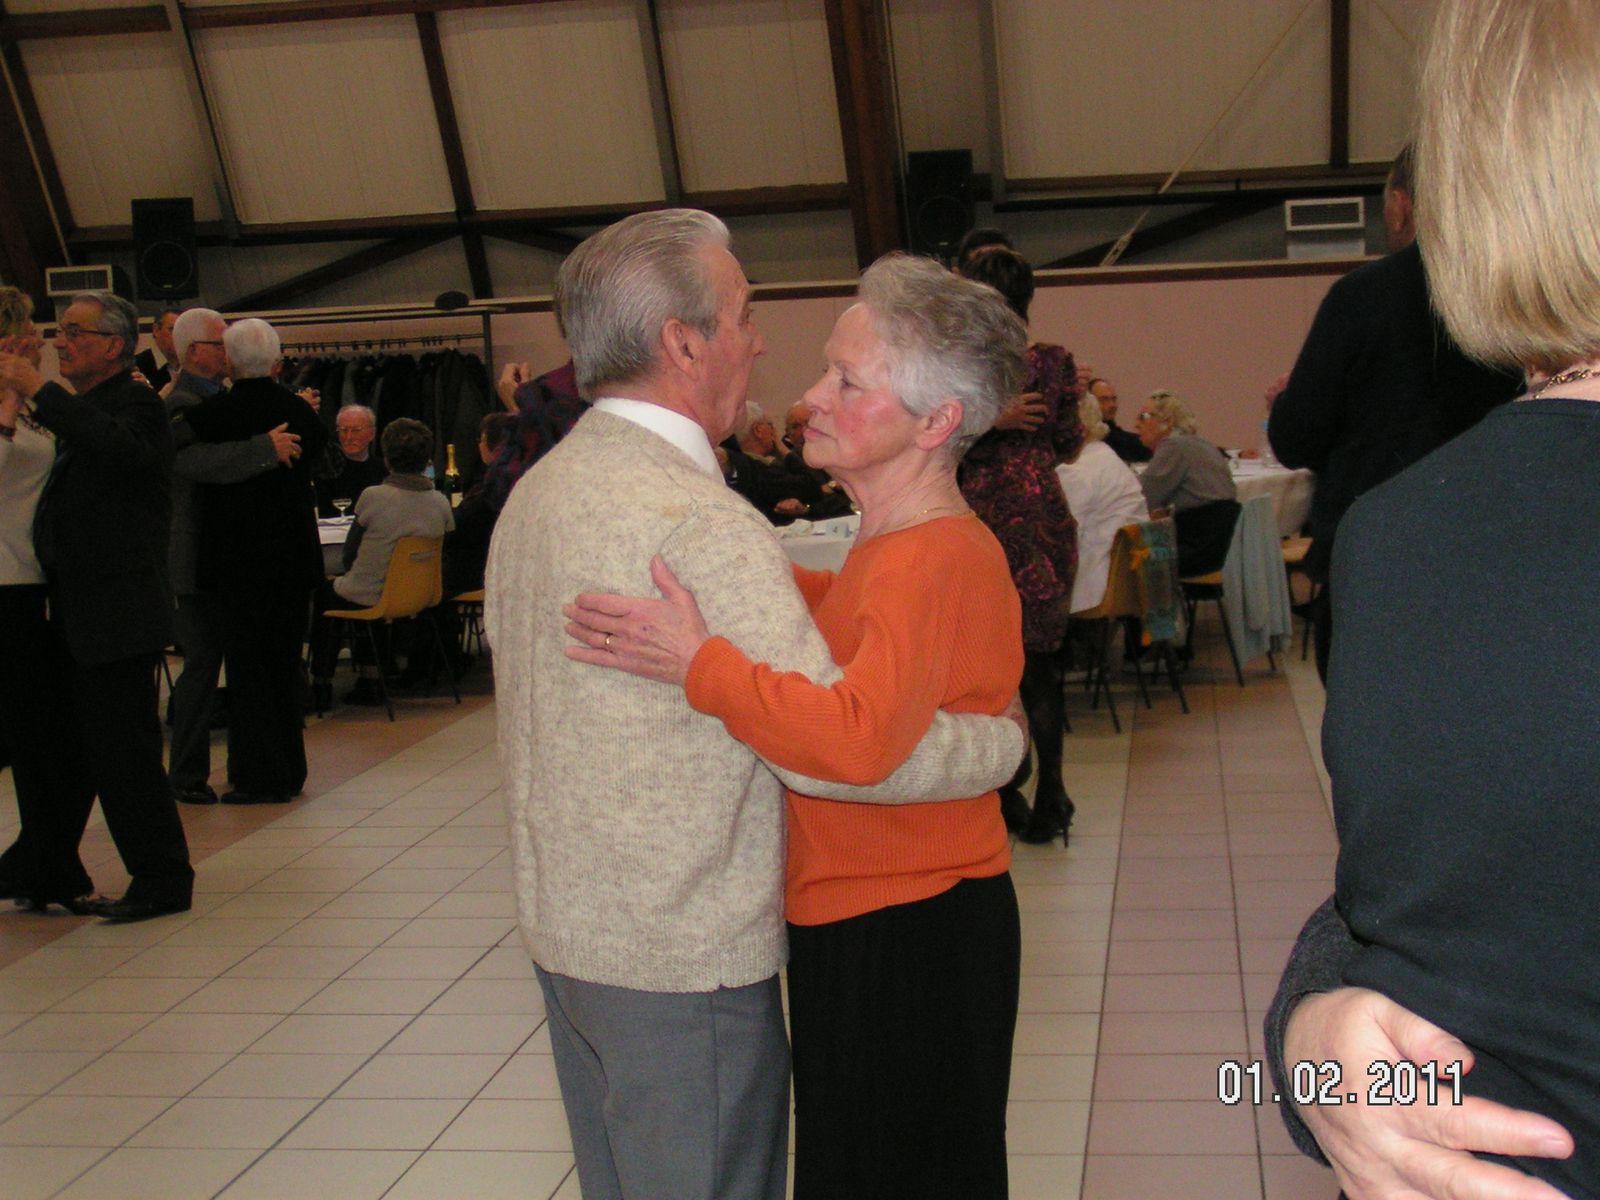 Album - Chantereine, l'Amicale des retraités de Chantereine, la galette des Rois le 1er fevrier 2011